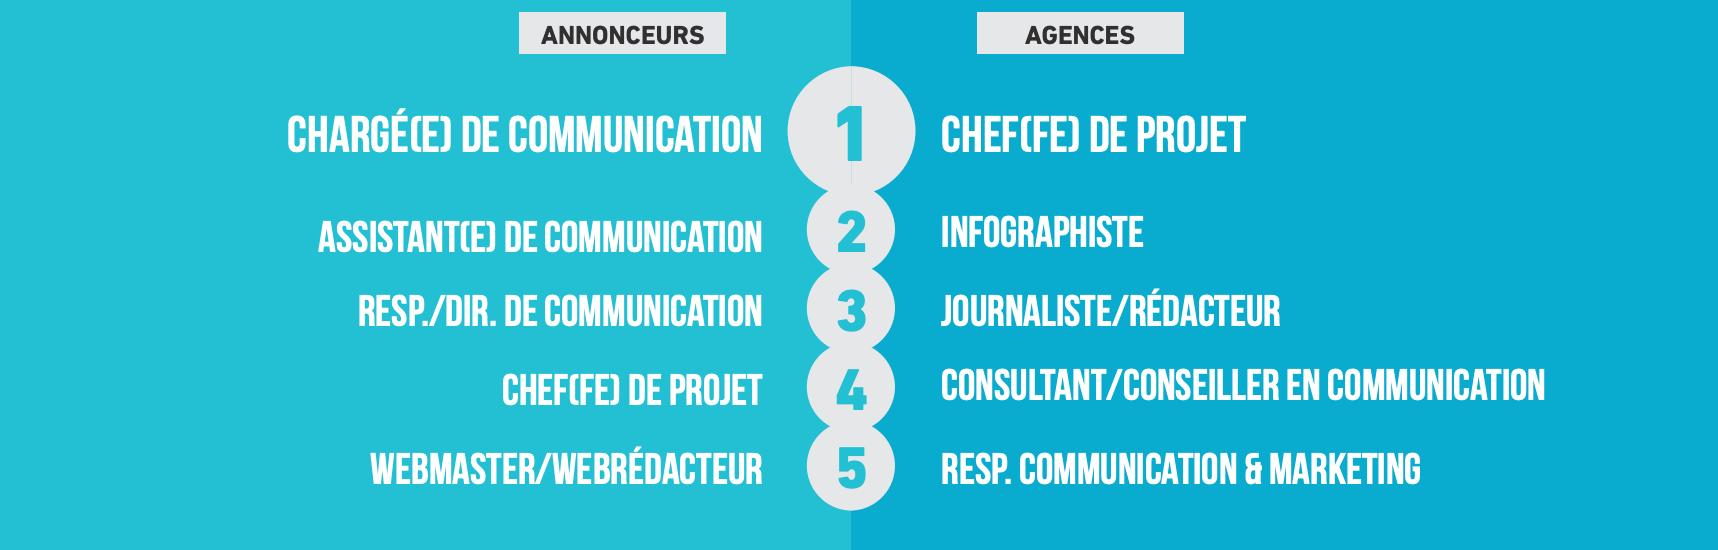 Infographie : quels postes recherchent en priorité les annonceurs et les agences pour les jeunes diplômés d'école de communication ?